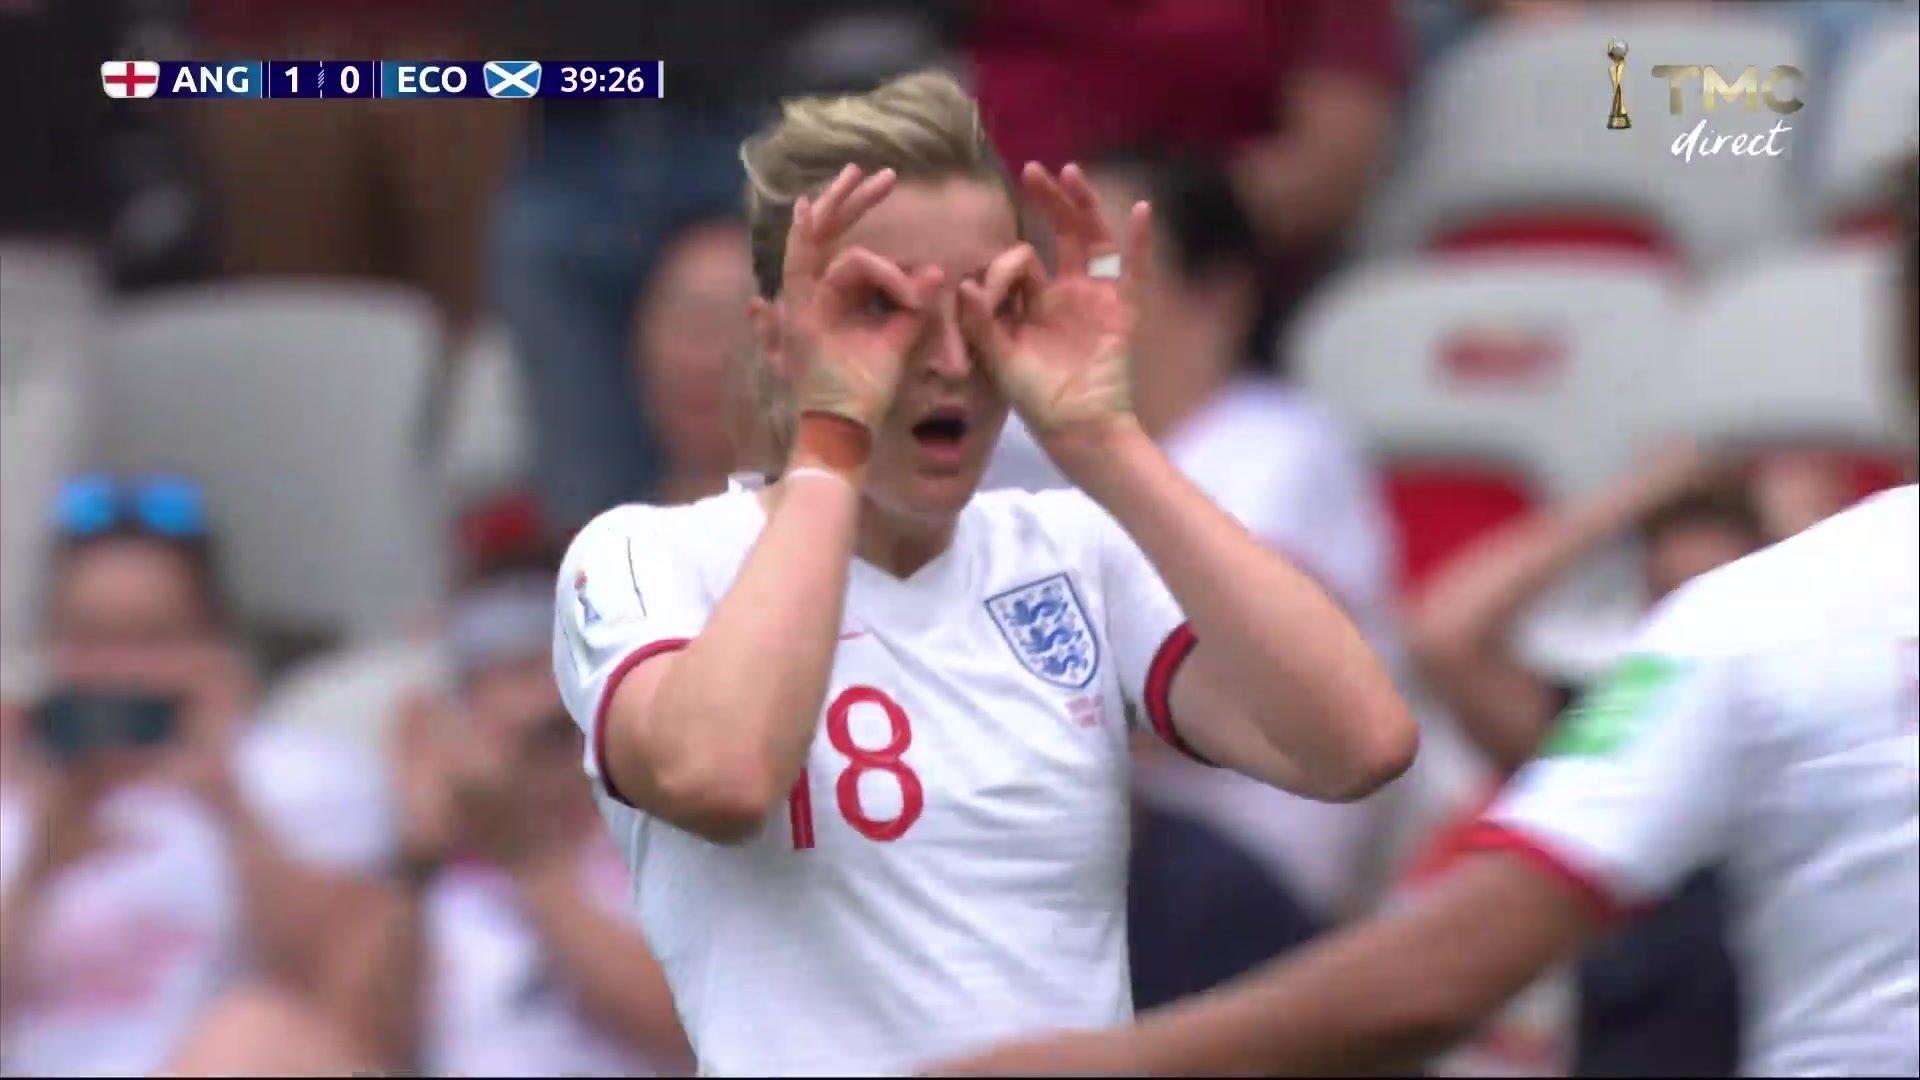 Angleterre-Ecosse - Le deuxième but signé White en vidéo